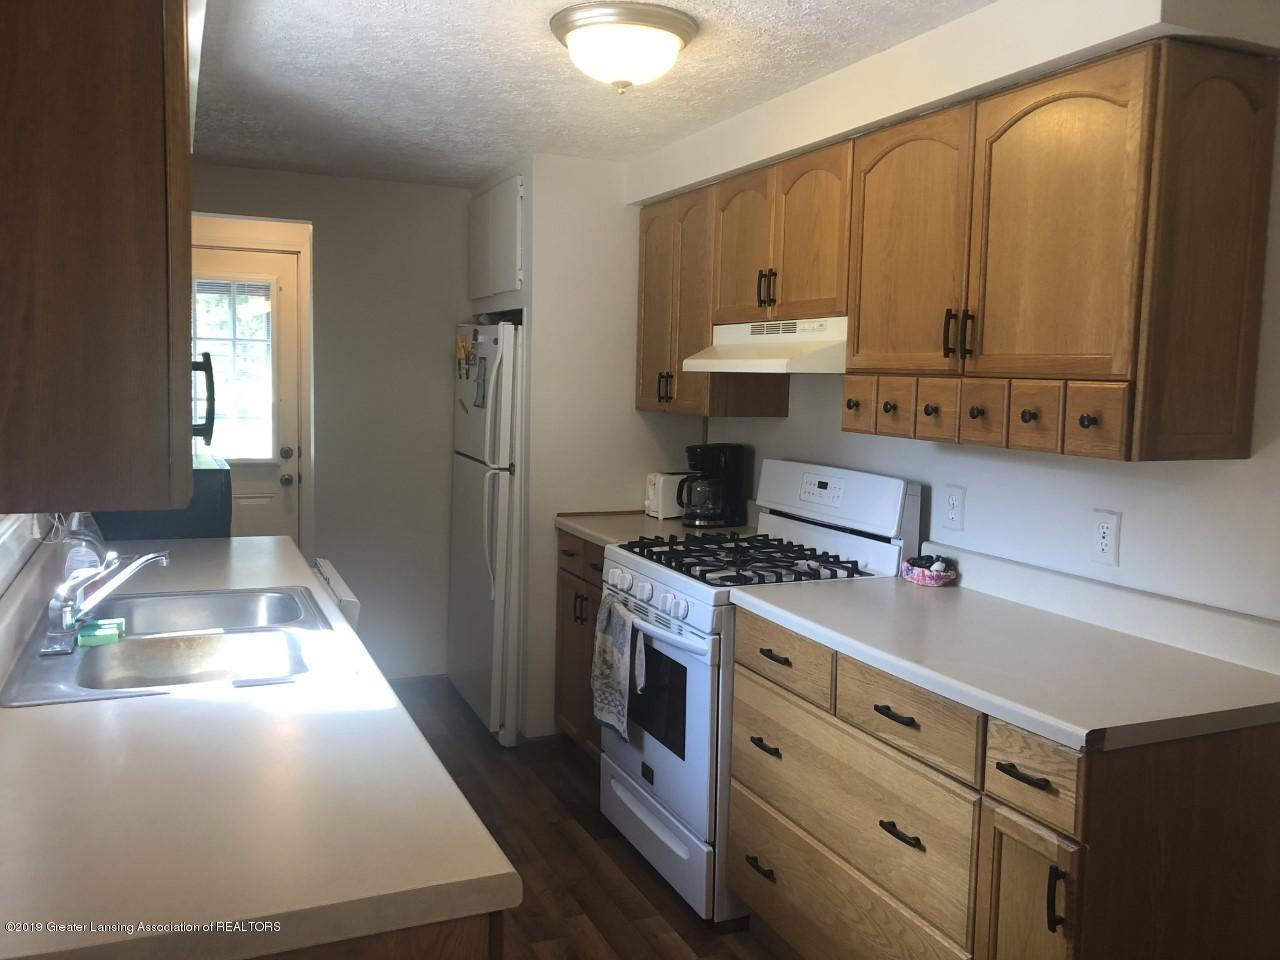 13185 Beardslee Rd - kitchen pic - 4